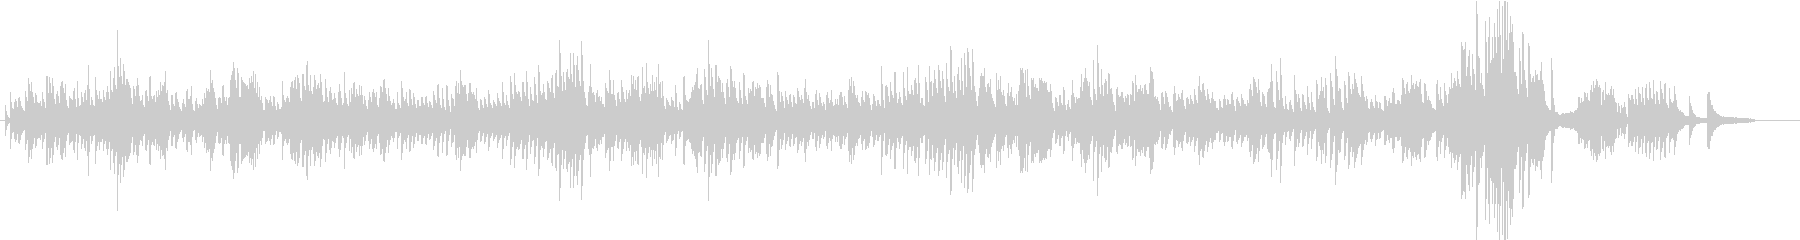 【ノクターン第2番】ピアノ・ショパンの未再生の波形